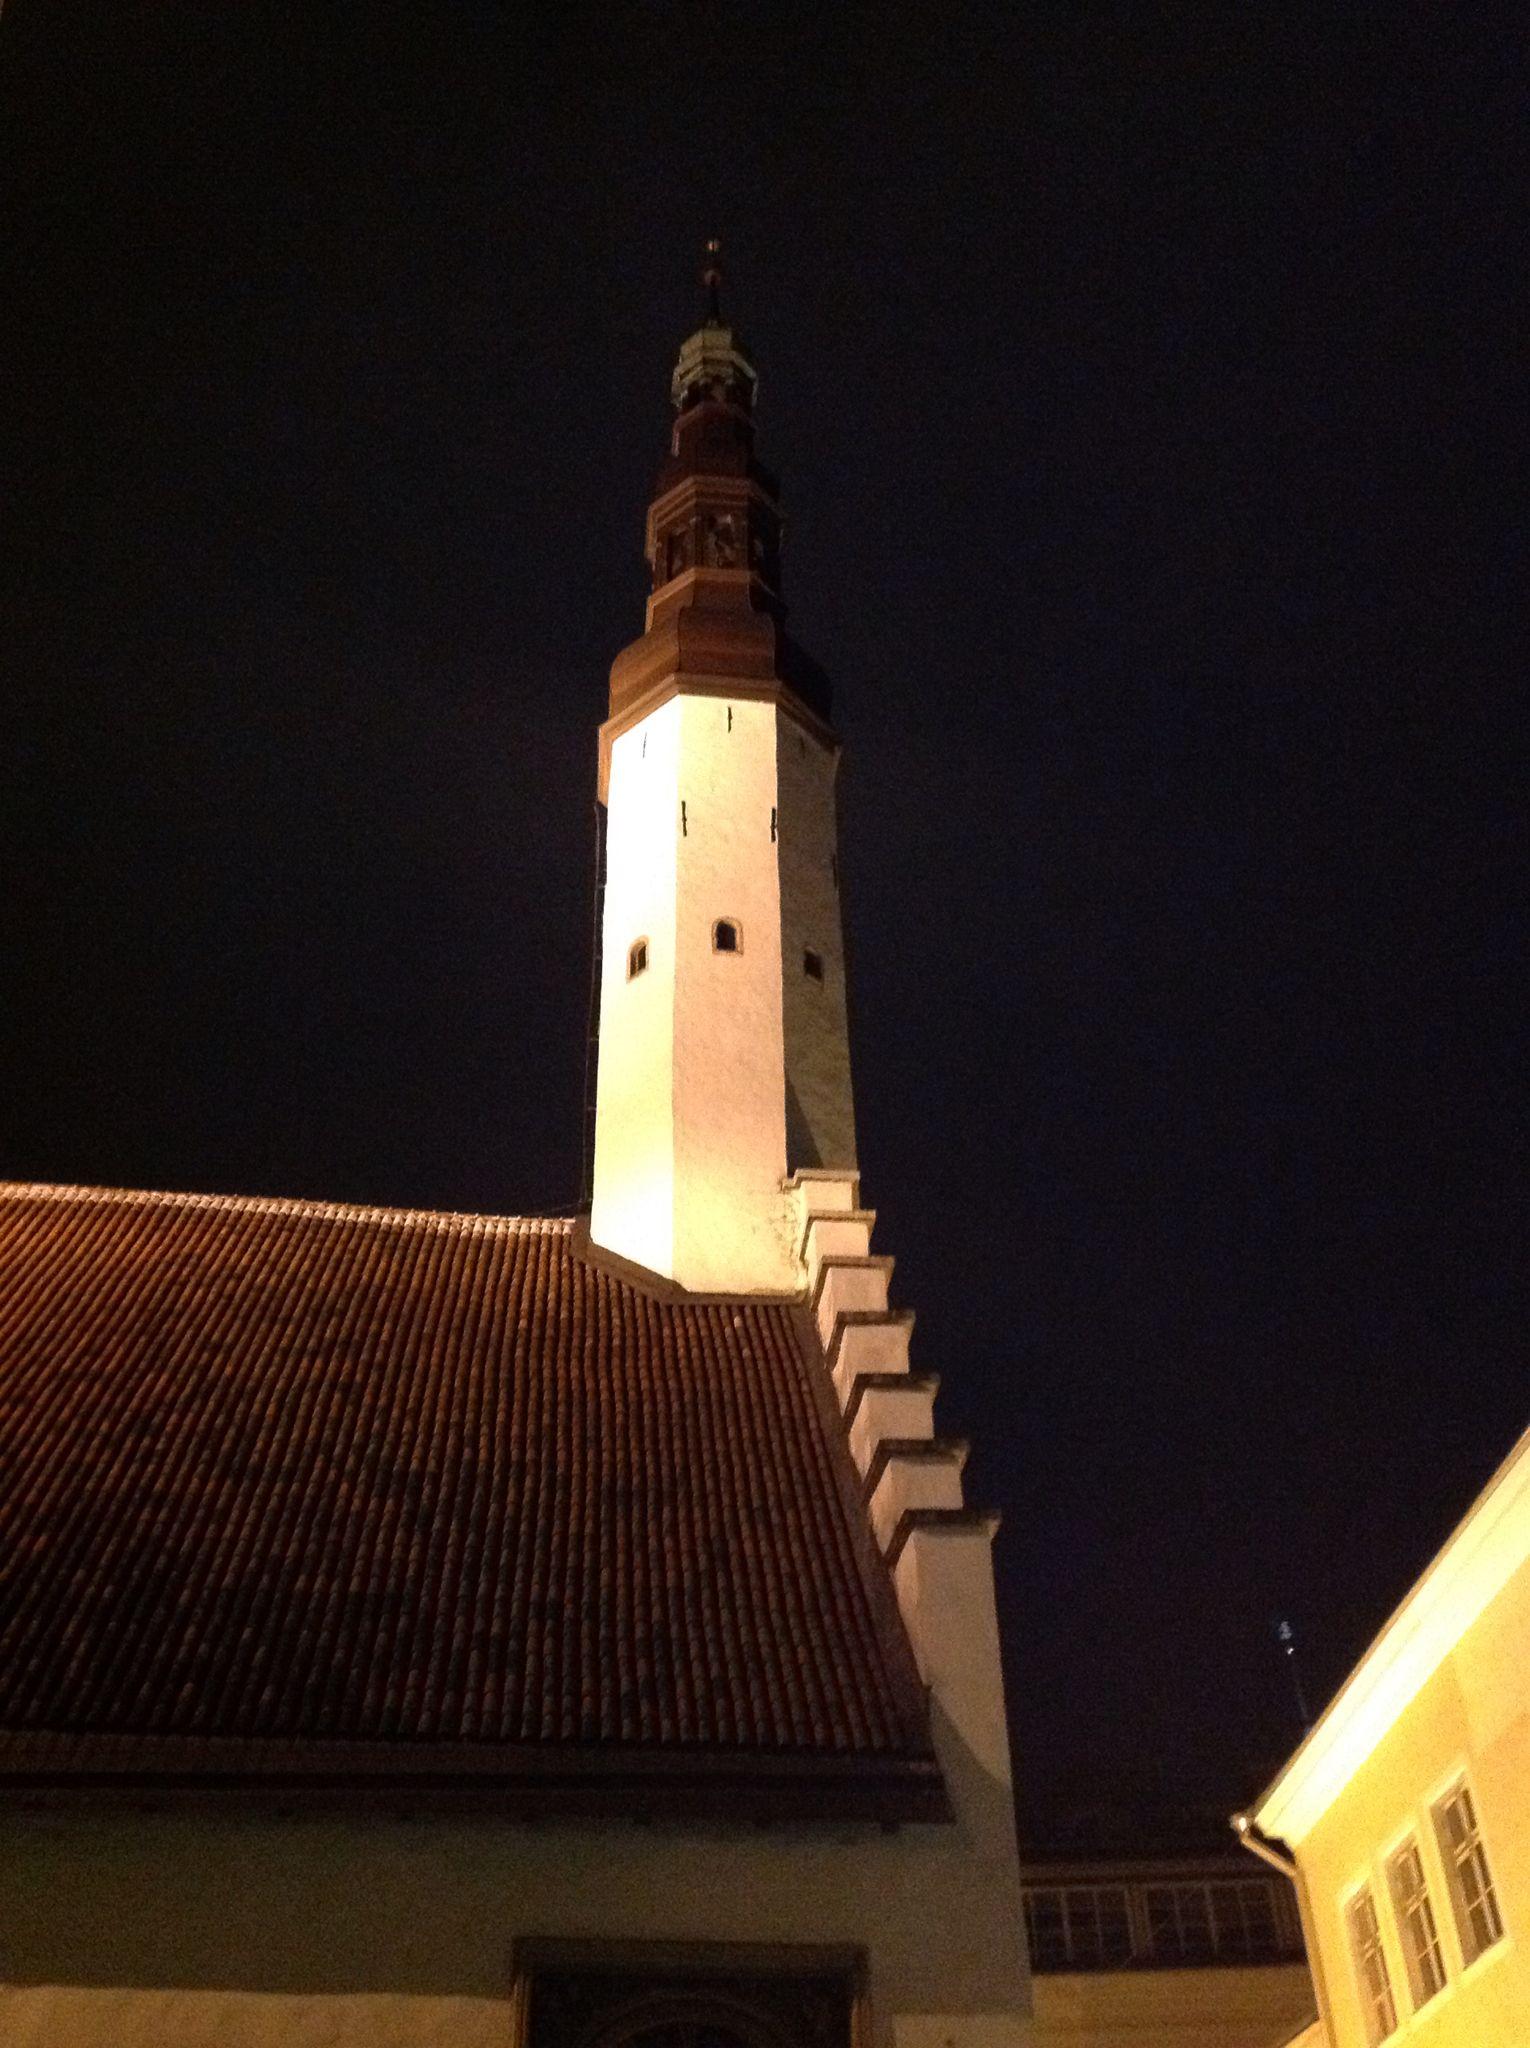 Pühavaimu Kirik ( Chiesa dello Spirito Santo) .Scorcio laterale della facciata con campanile. Nel medioevo cappella del municipio. Ricostruita nel 1375-80